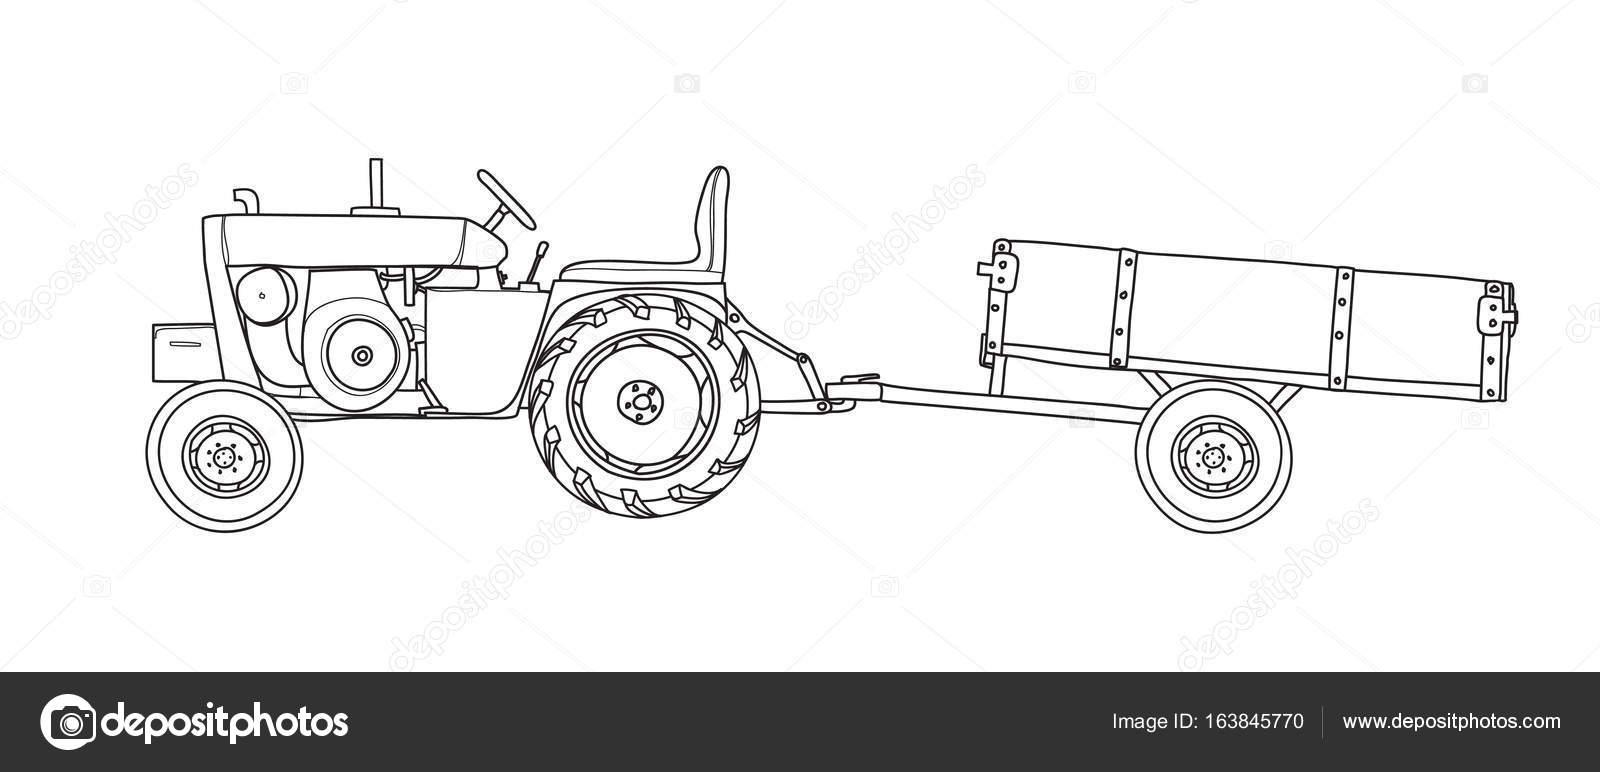 Starozitny Traktory Sklapeci Prives Vintage Rukou Kreslene Byly